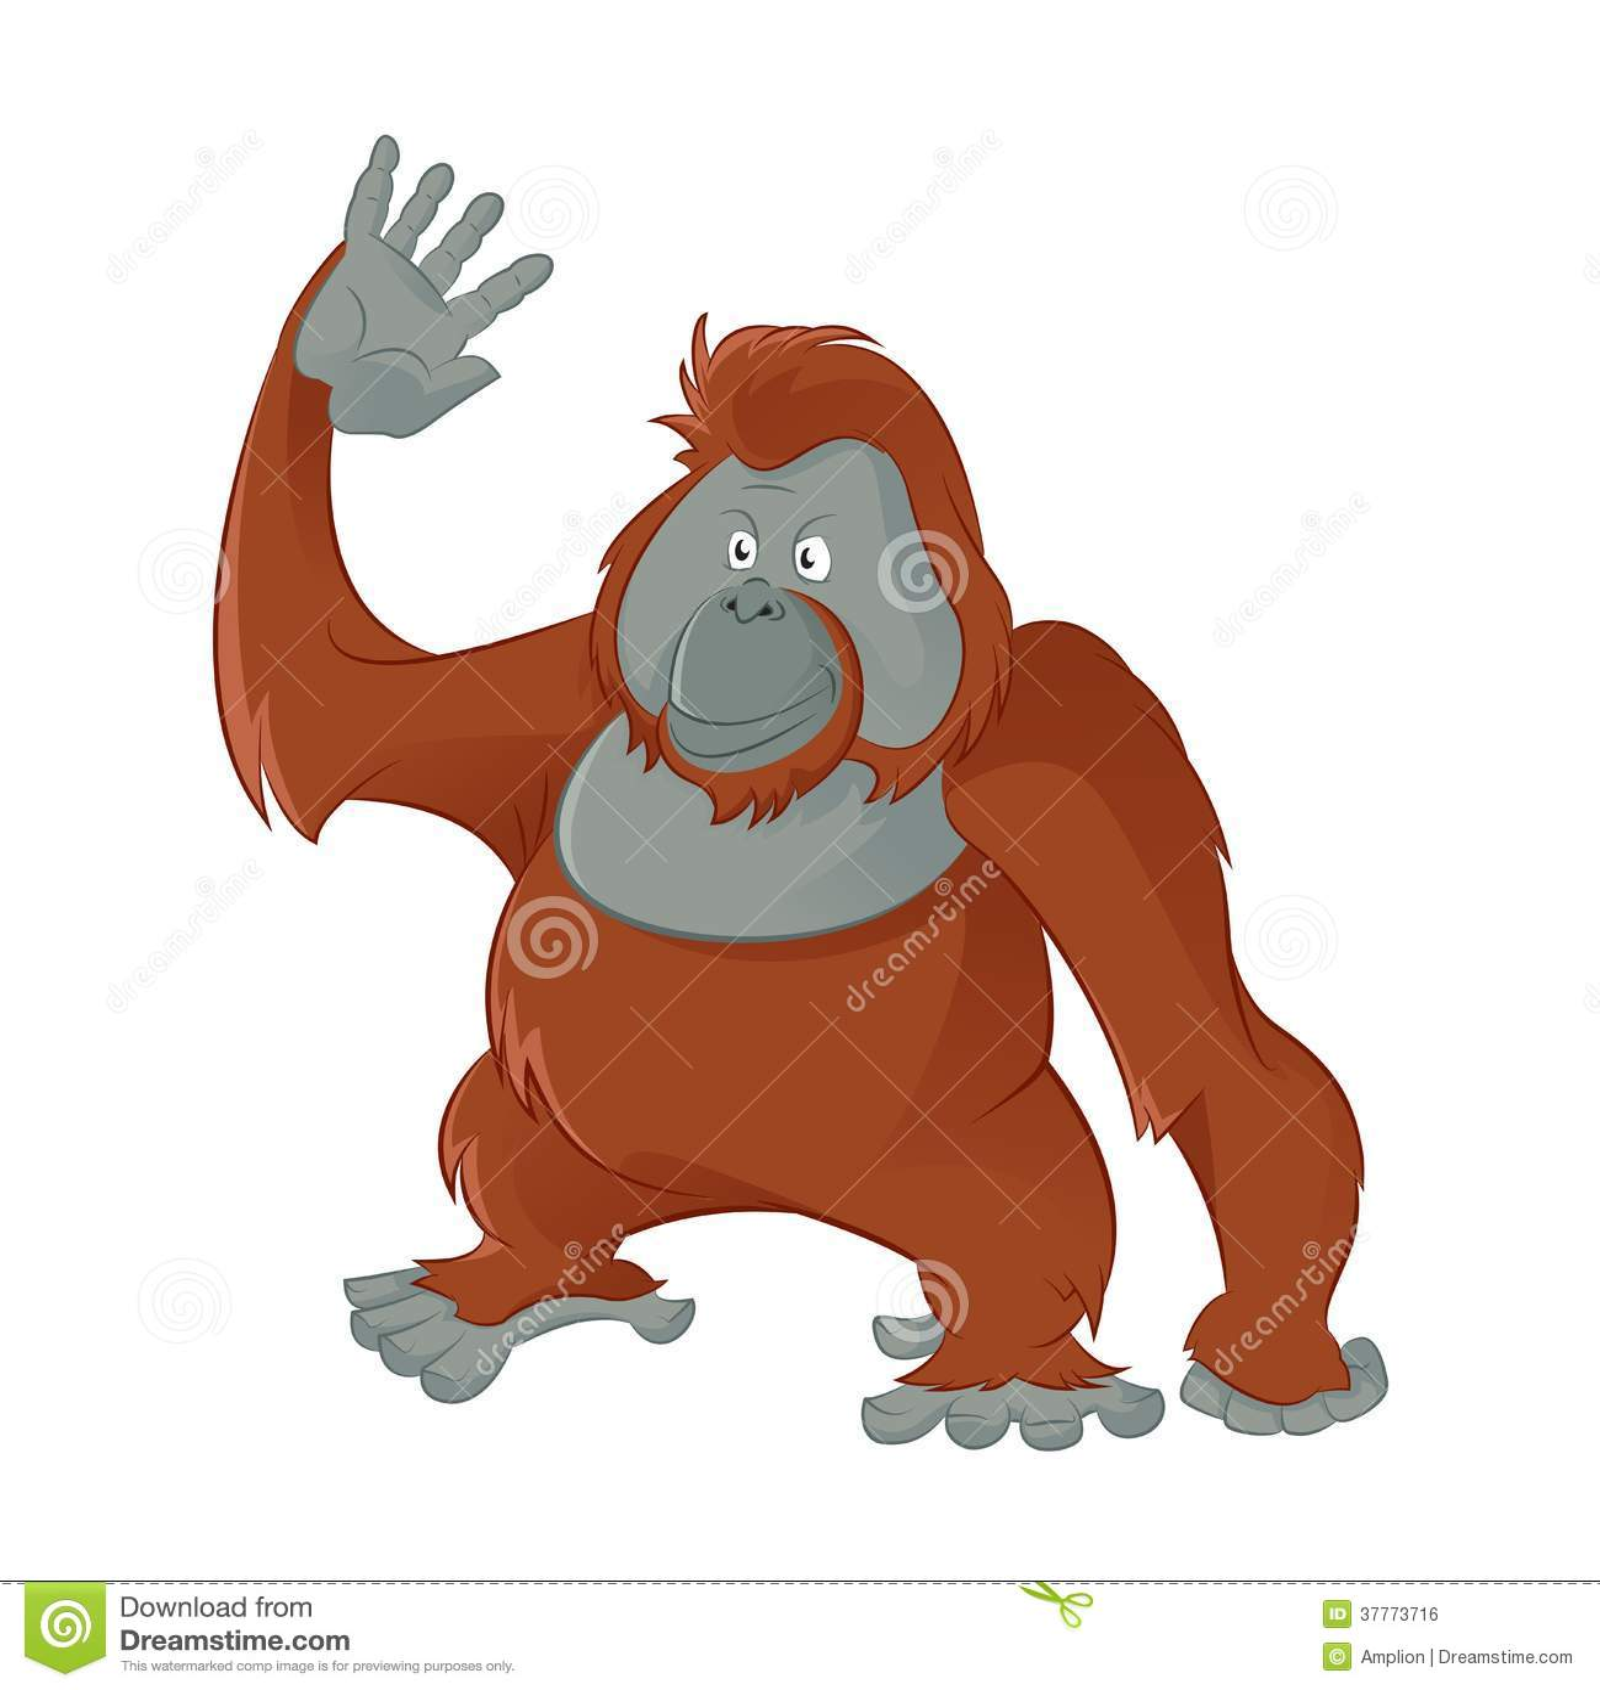 how to draw a baby orangutan